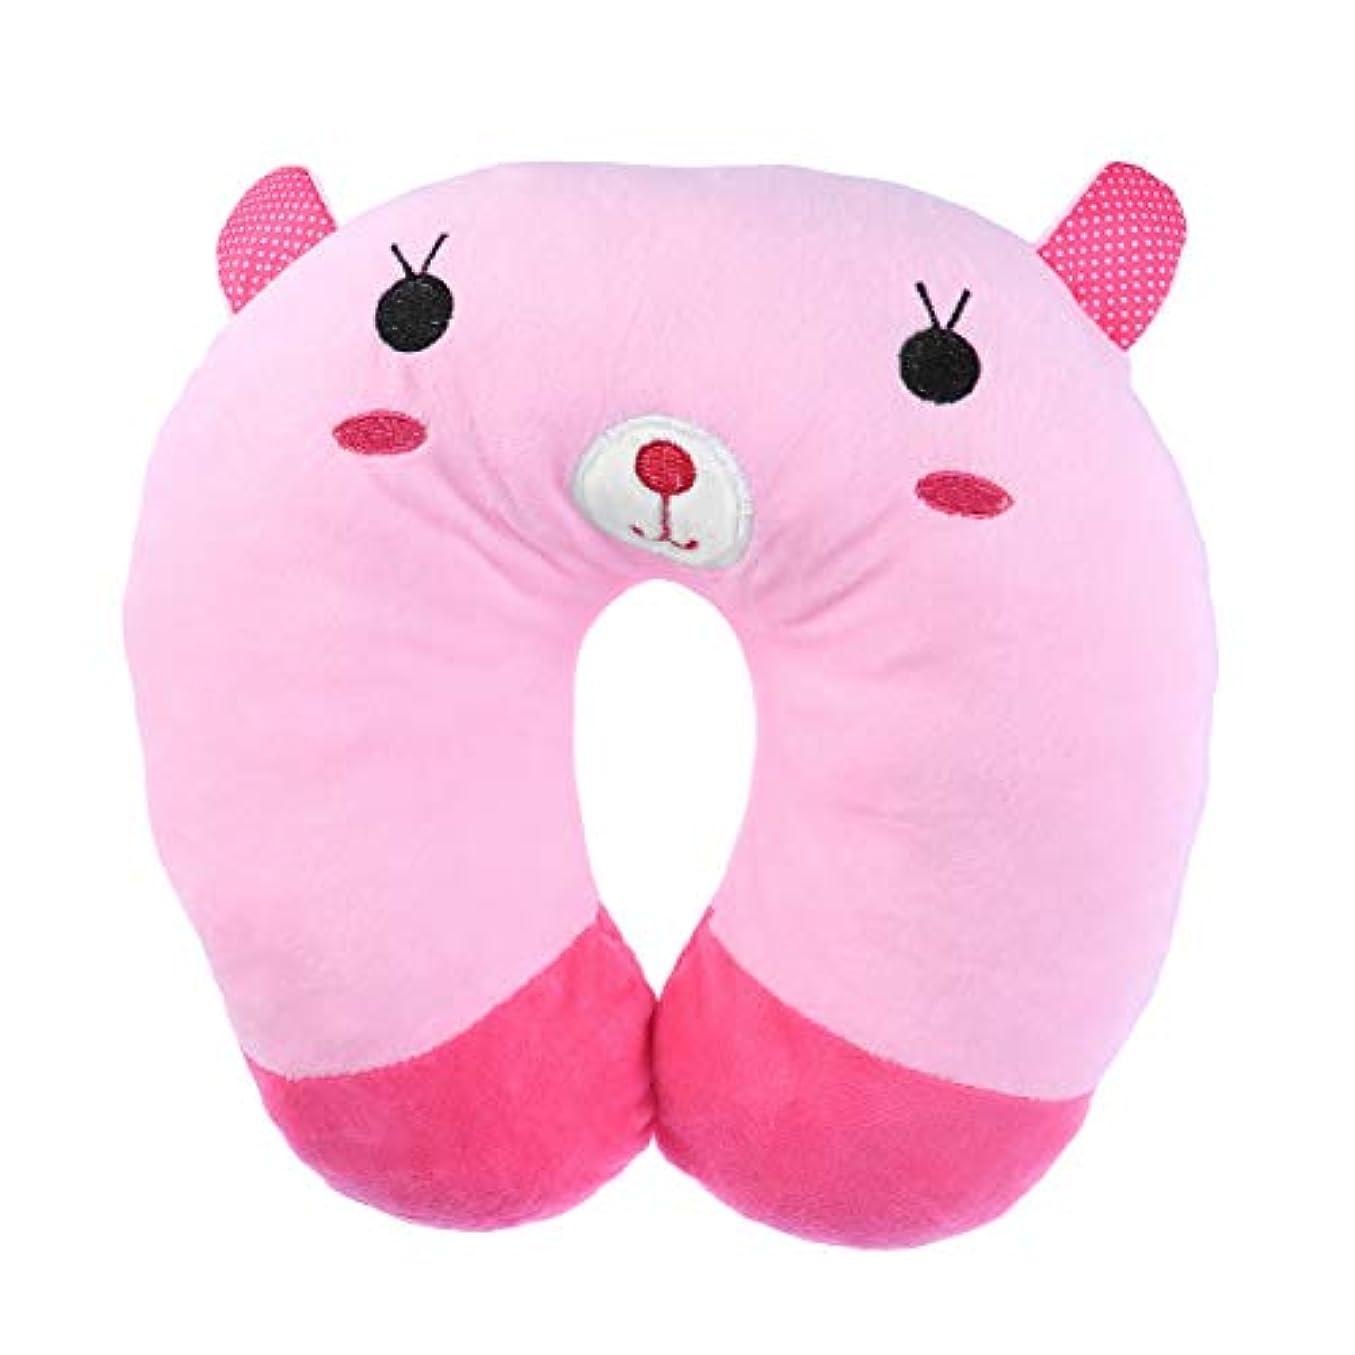 発明する実際アテンダントHEALIFTY 首牽引枕漫画ぬいぐるみU字型枕首サポートクッション旅行枕飛行機のために車(ピンクのウサギ)